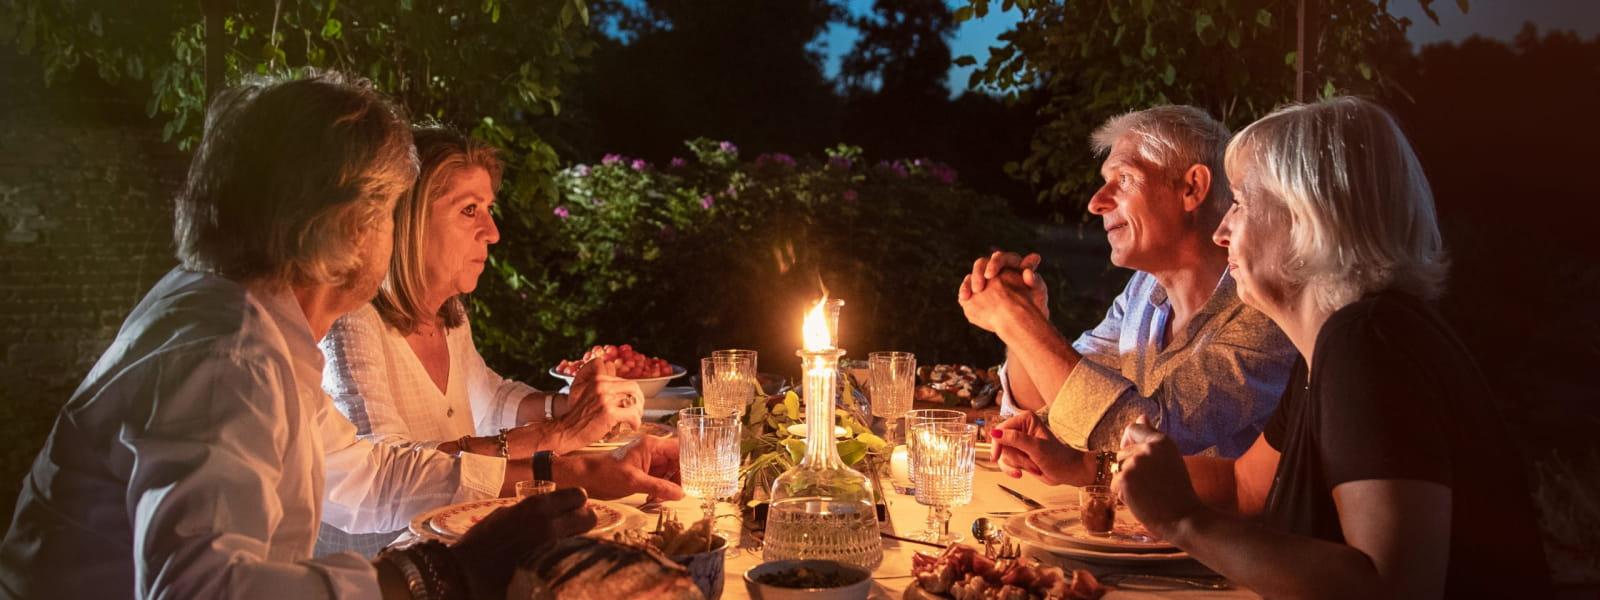 Amis qui discutent autour d'un repas au coucher de soleil